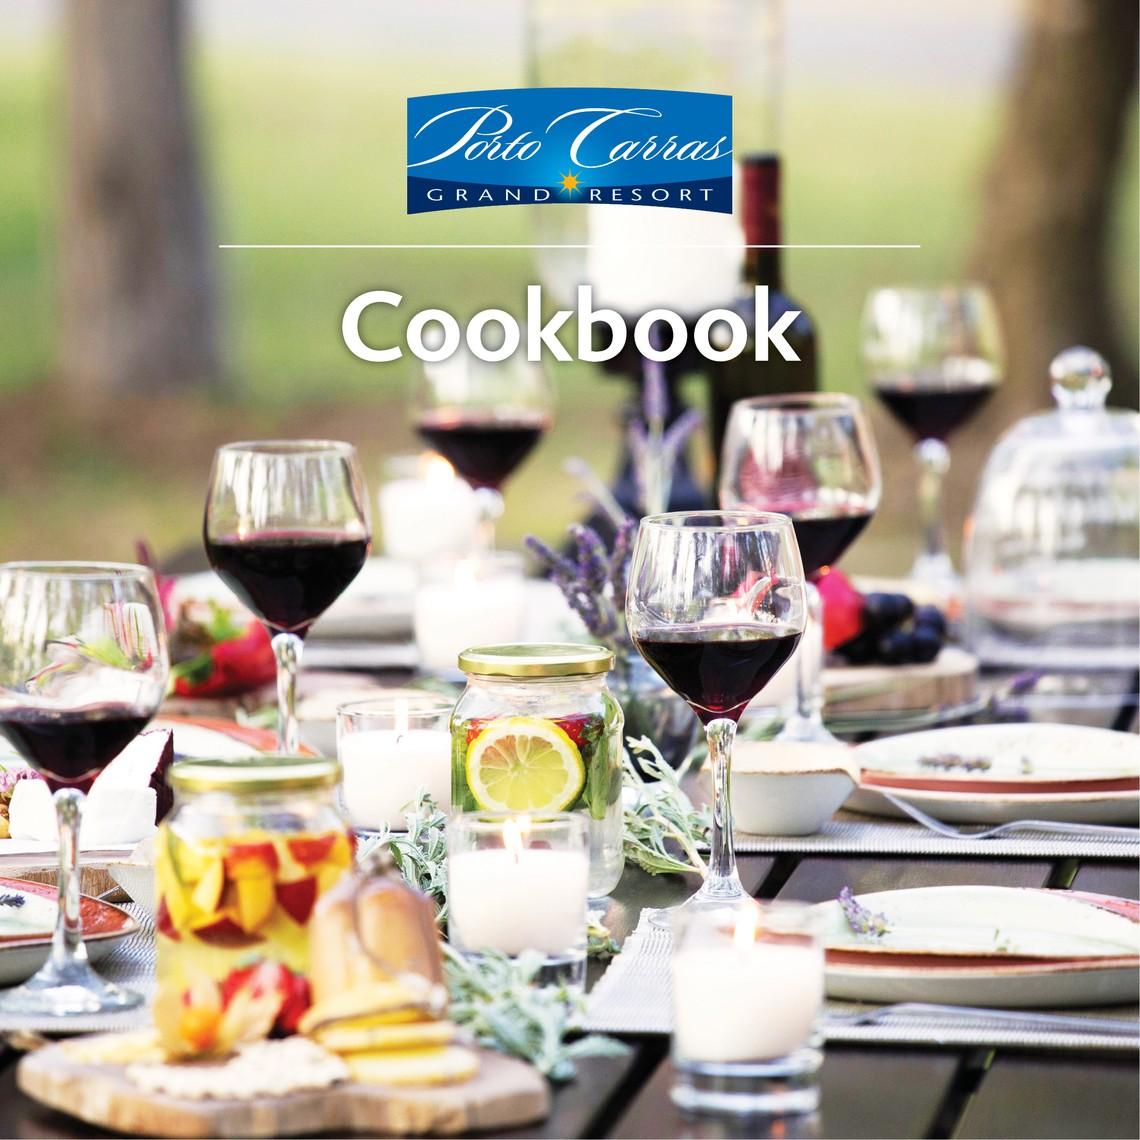 Γεύση από Ελλάδα στο Porto Carras Cookbook